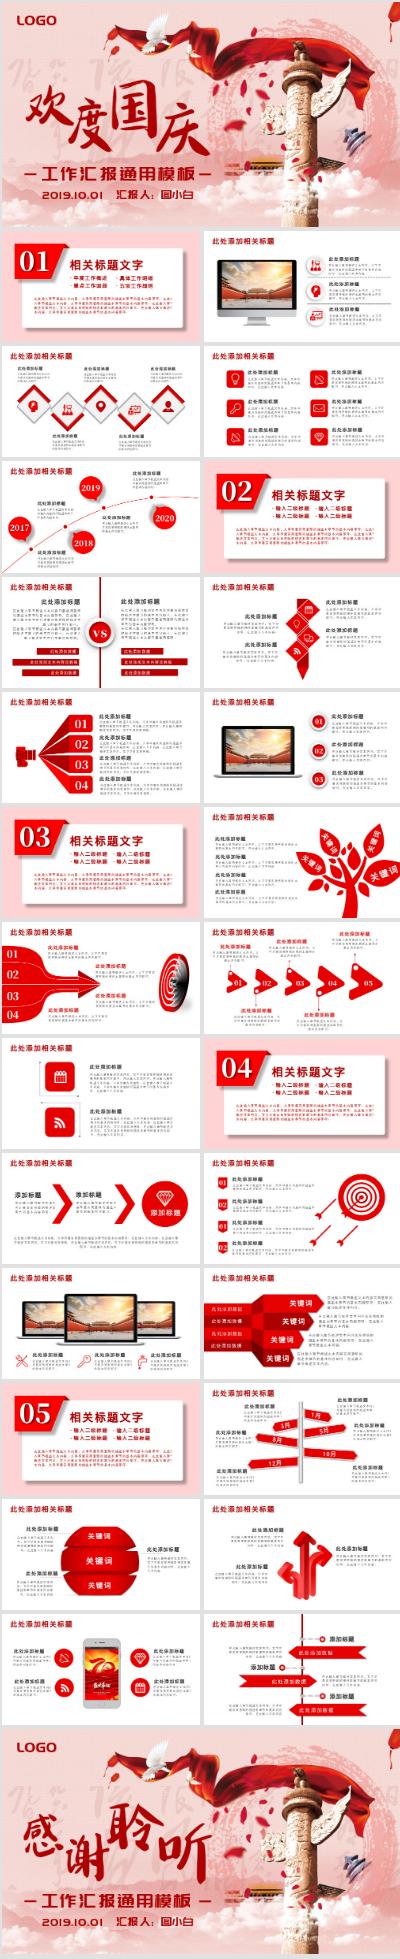 國慶節政府企業工作匯報通用模板